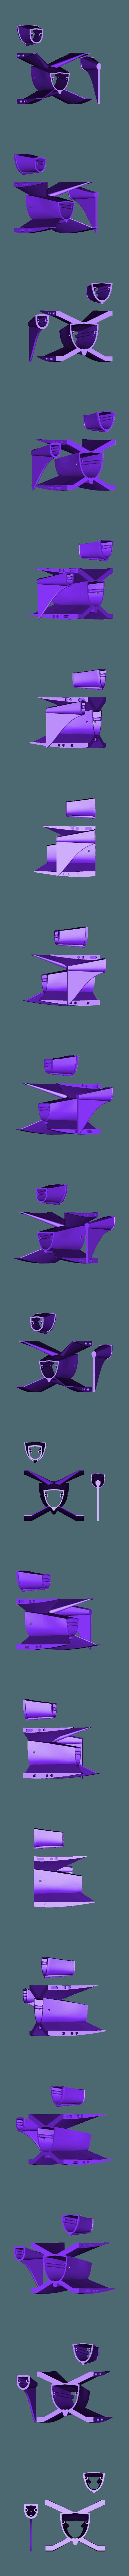 B(Fuselage2).stl Download free STL file SteamPunk Biplane (part 2) • 3D print design, FenixYeshua